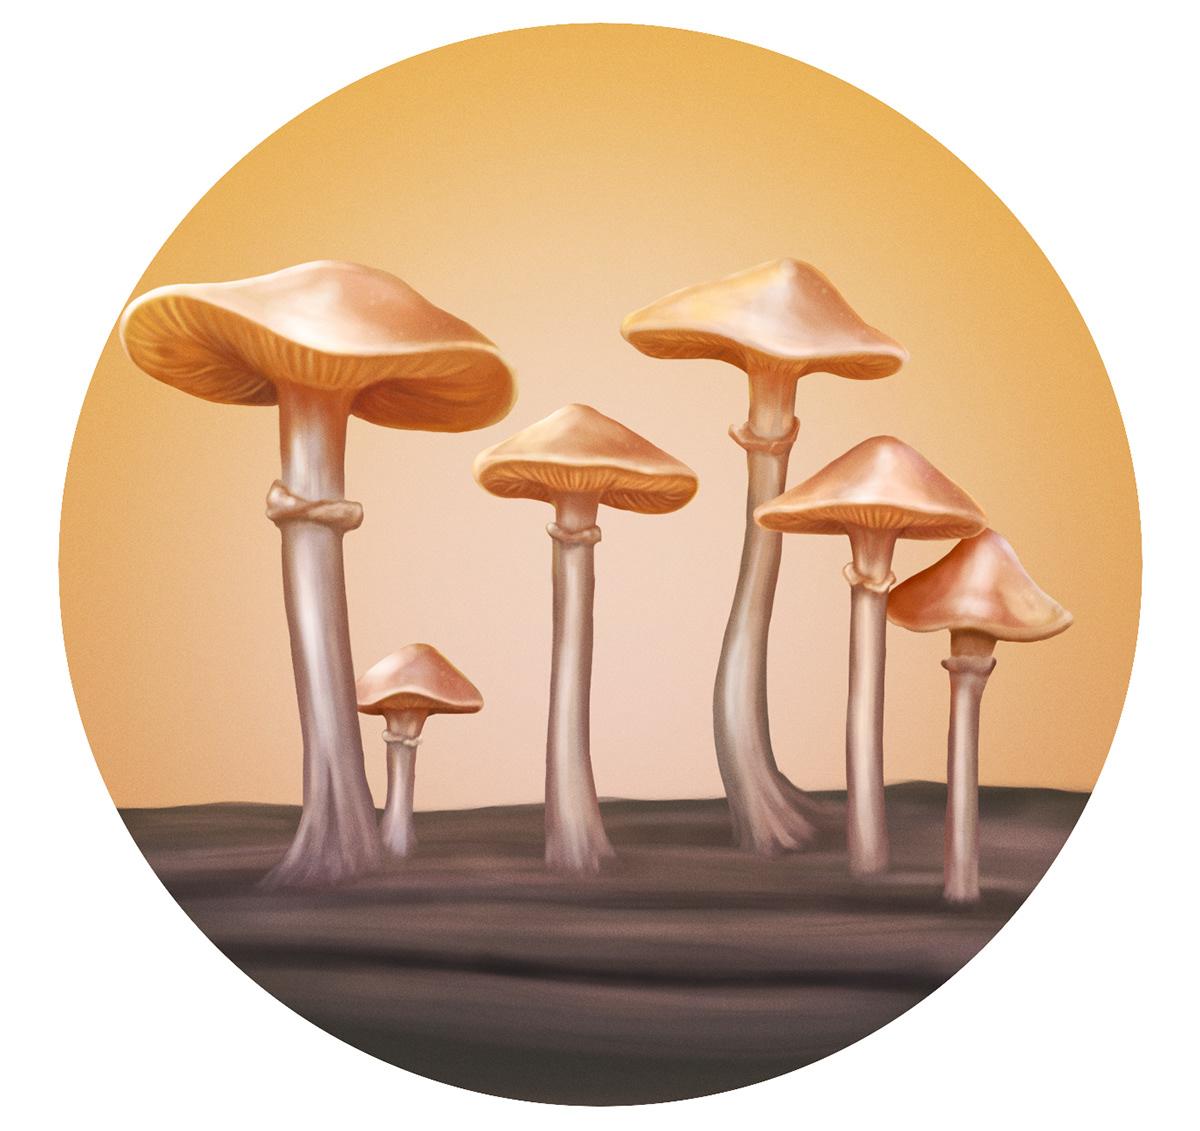 Image may contain: mushroom